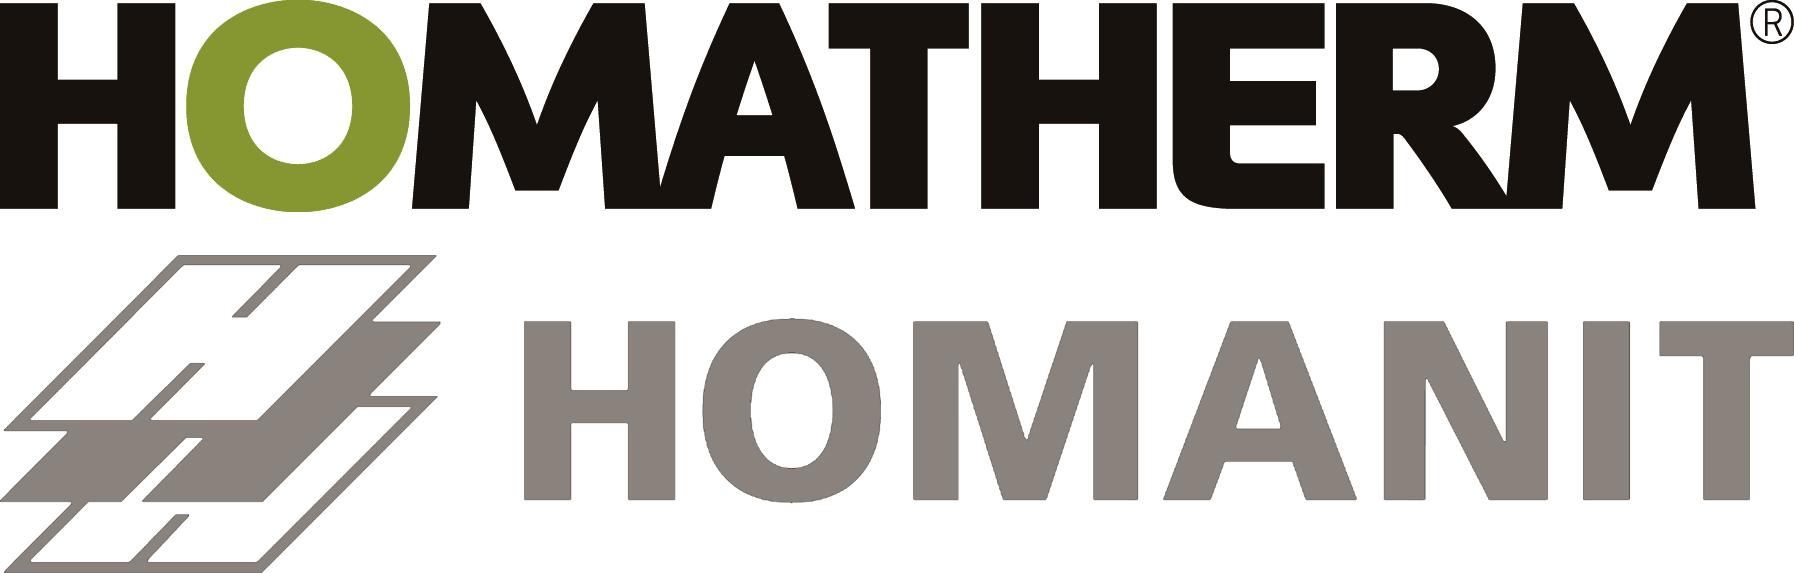 homatherm wird zu homanit und bleibt als marke f r. Black Bedroom Furniture Sets. Home Design Ideas